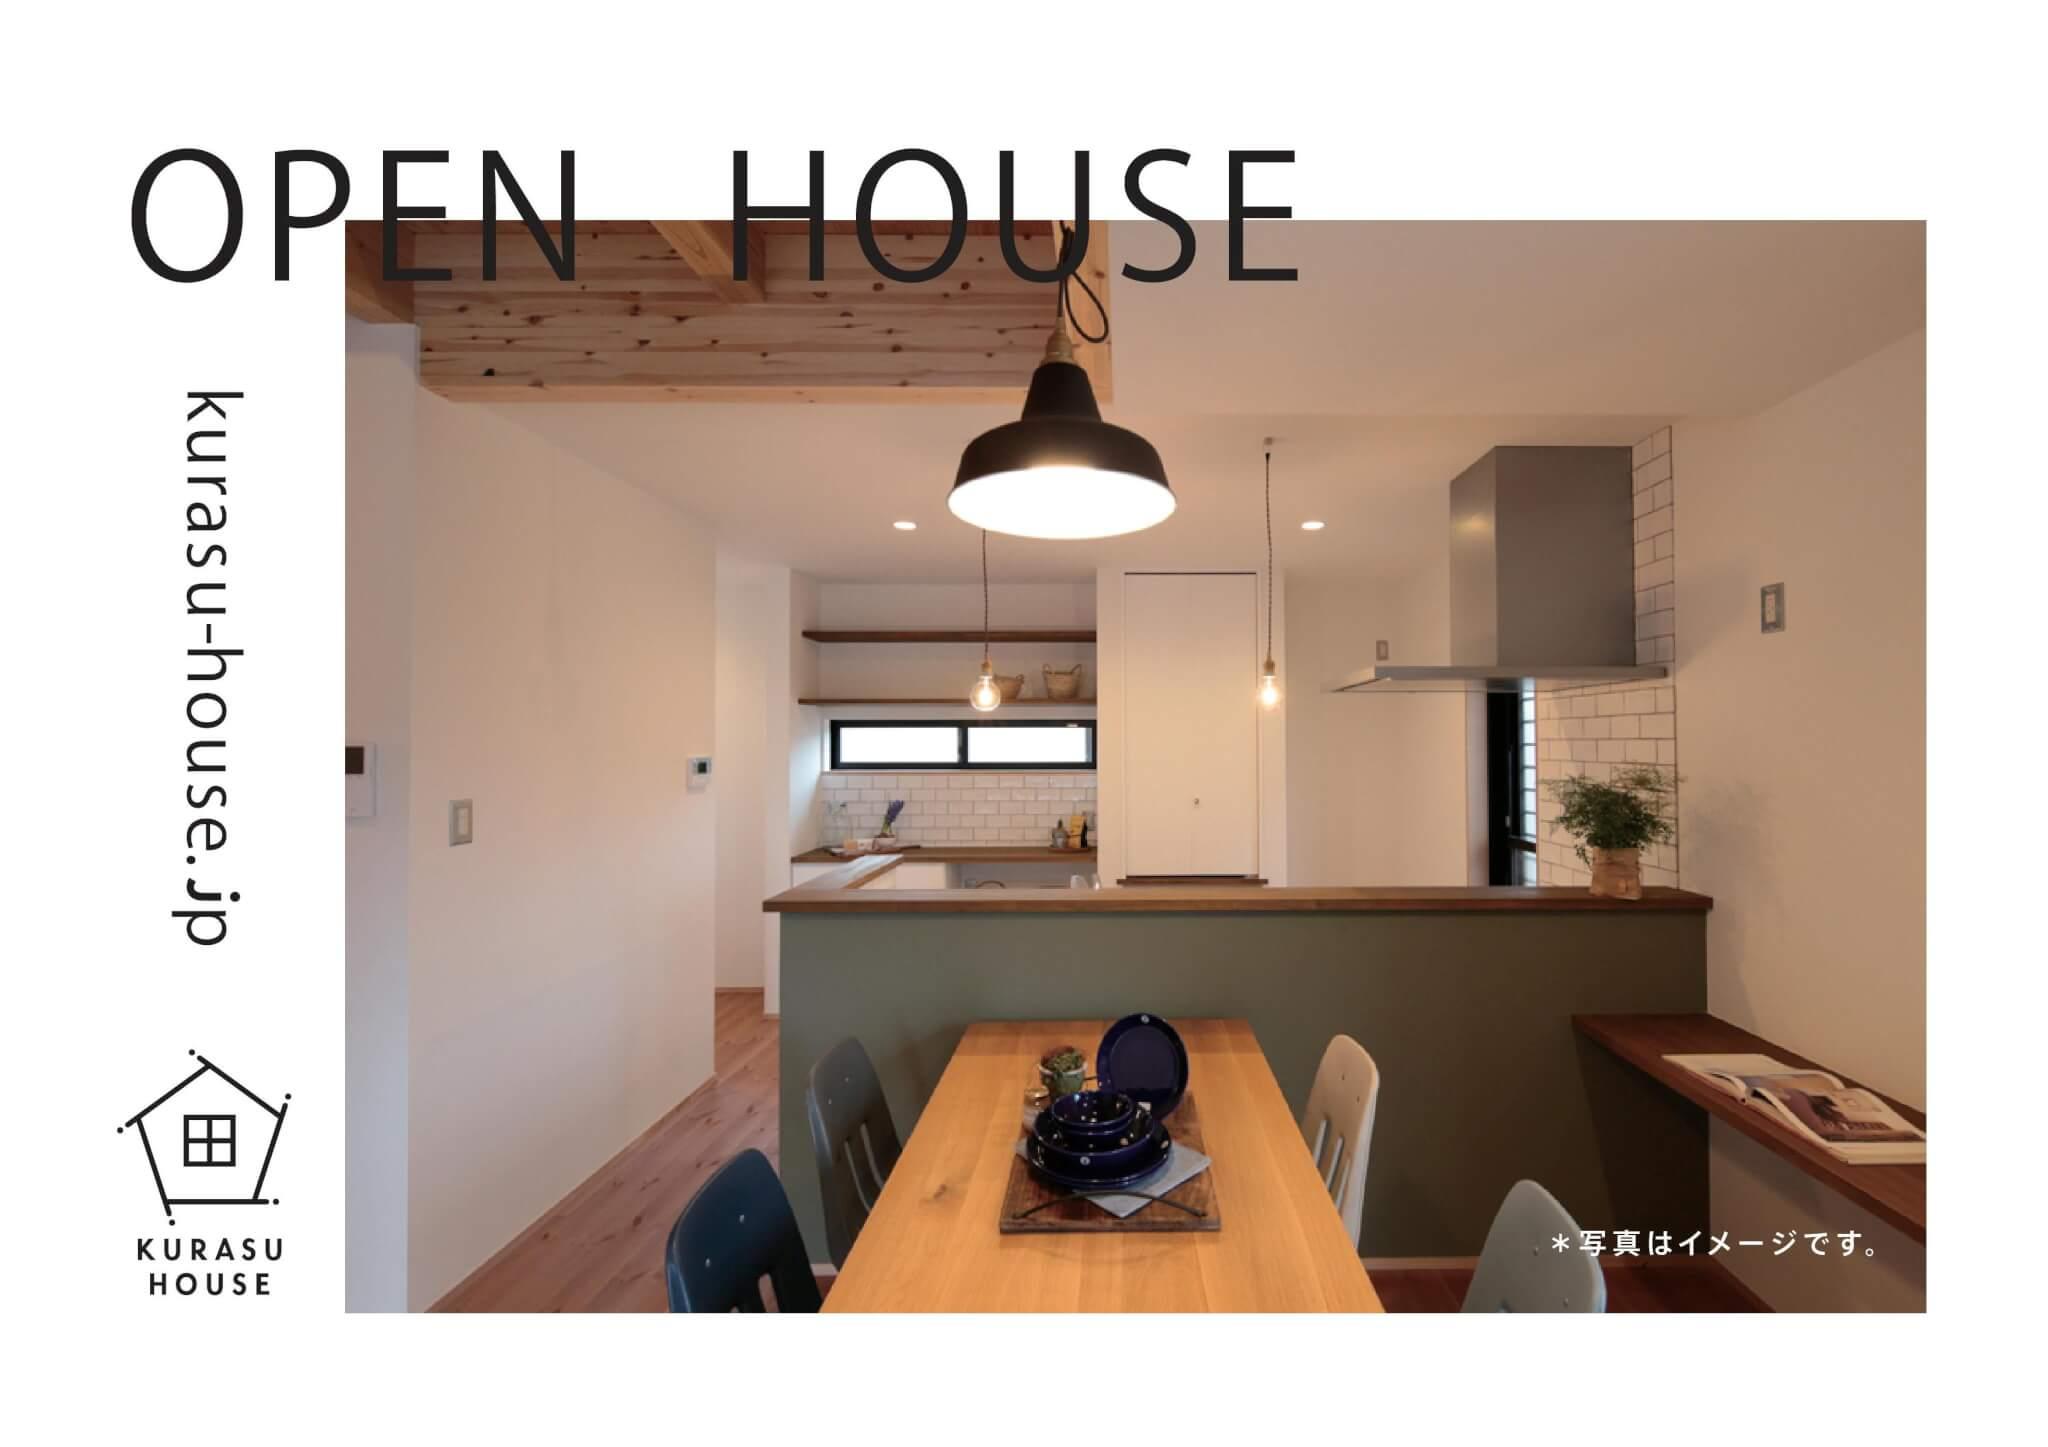 KURASUHOUSE_OpenHouse_rough_170415裏